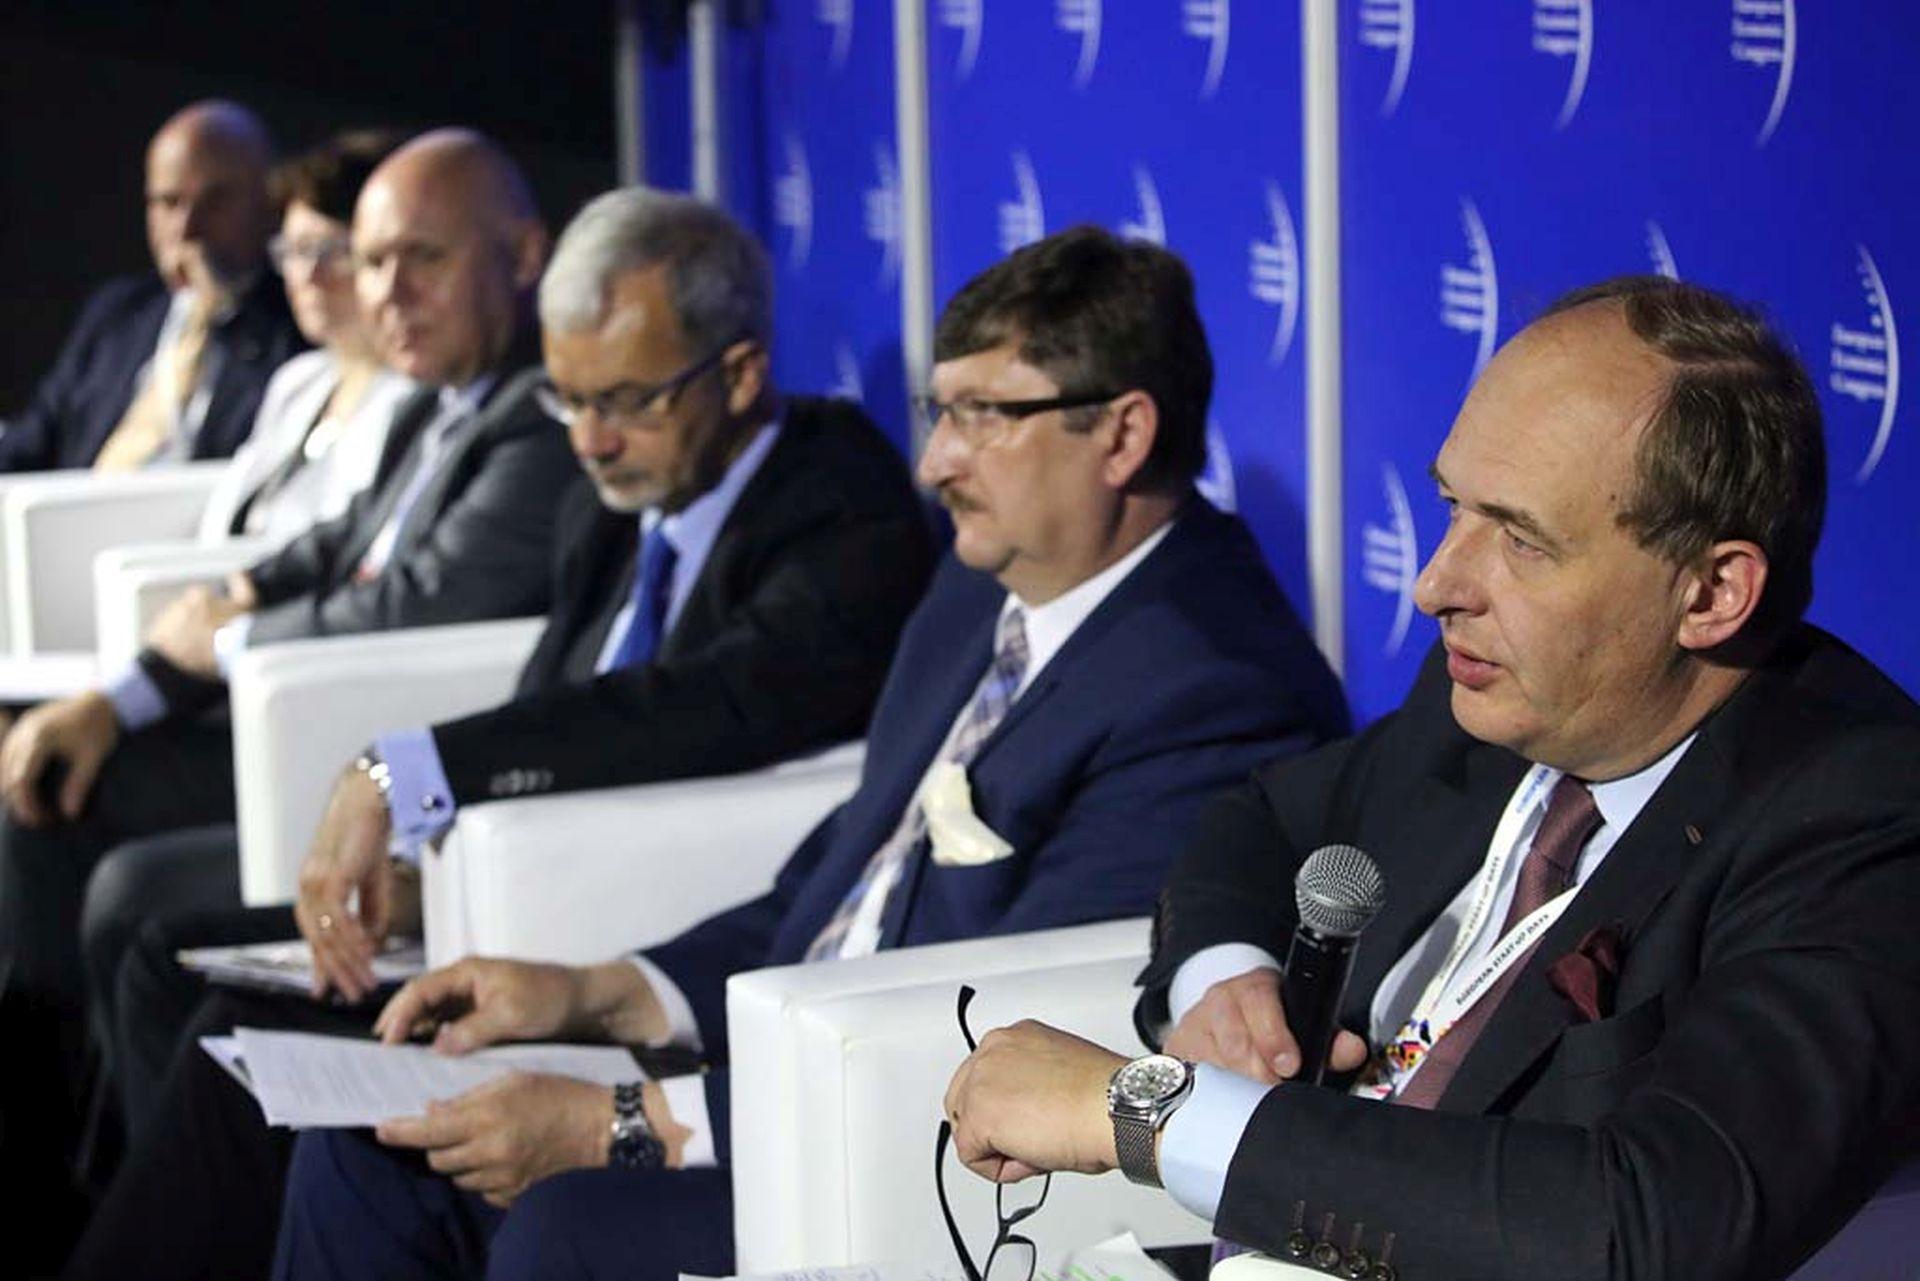 Od prawej: Paweł Szaciłło (dyrektor Departamentu Partnerstwa Publiczno-Prywatnego w Ministerstwie Rozwoju) i Jerzy Pilch (wójt Brennej).Fot. PTWP / EM